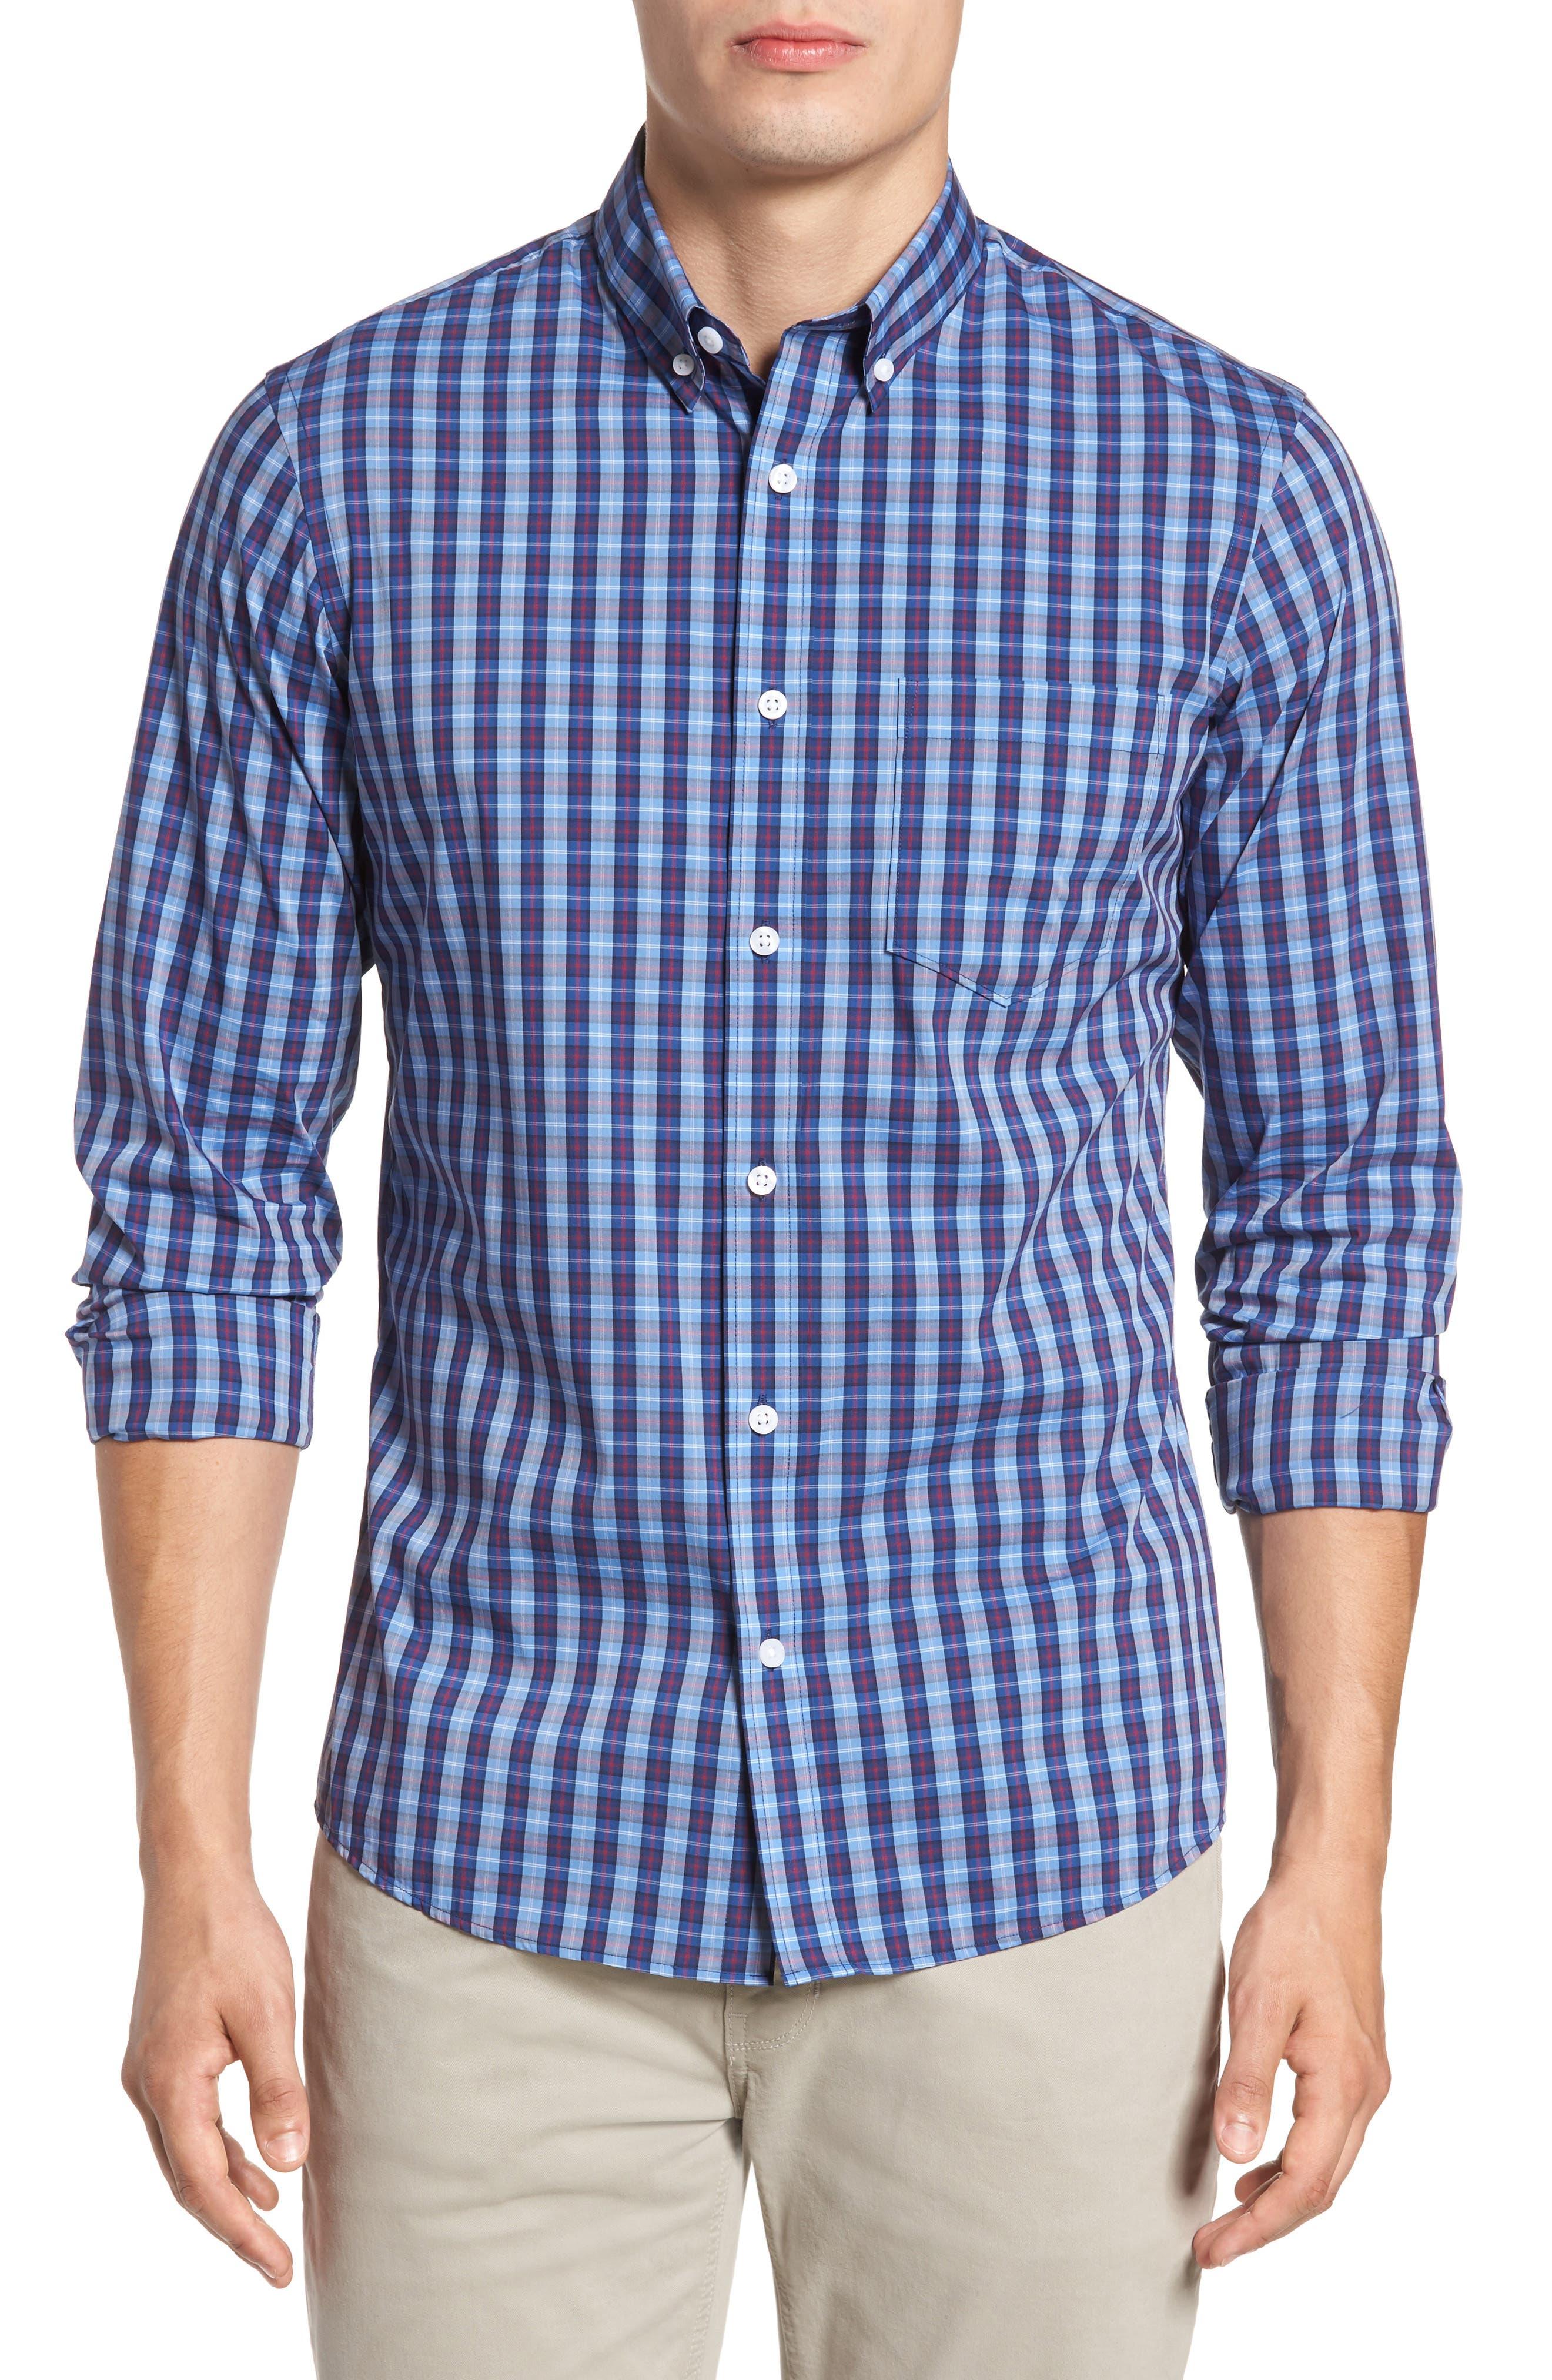 Main Image - Nordstrom Men's Shop Trim Fit Tech-Smart Plaid Sport Shirt (Regular & Tall)